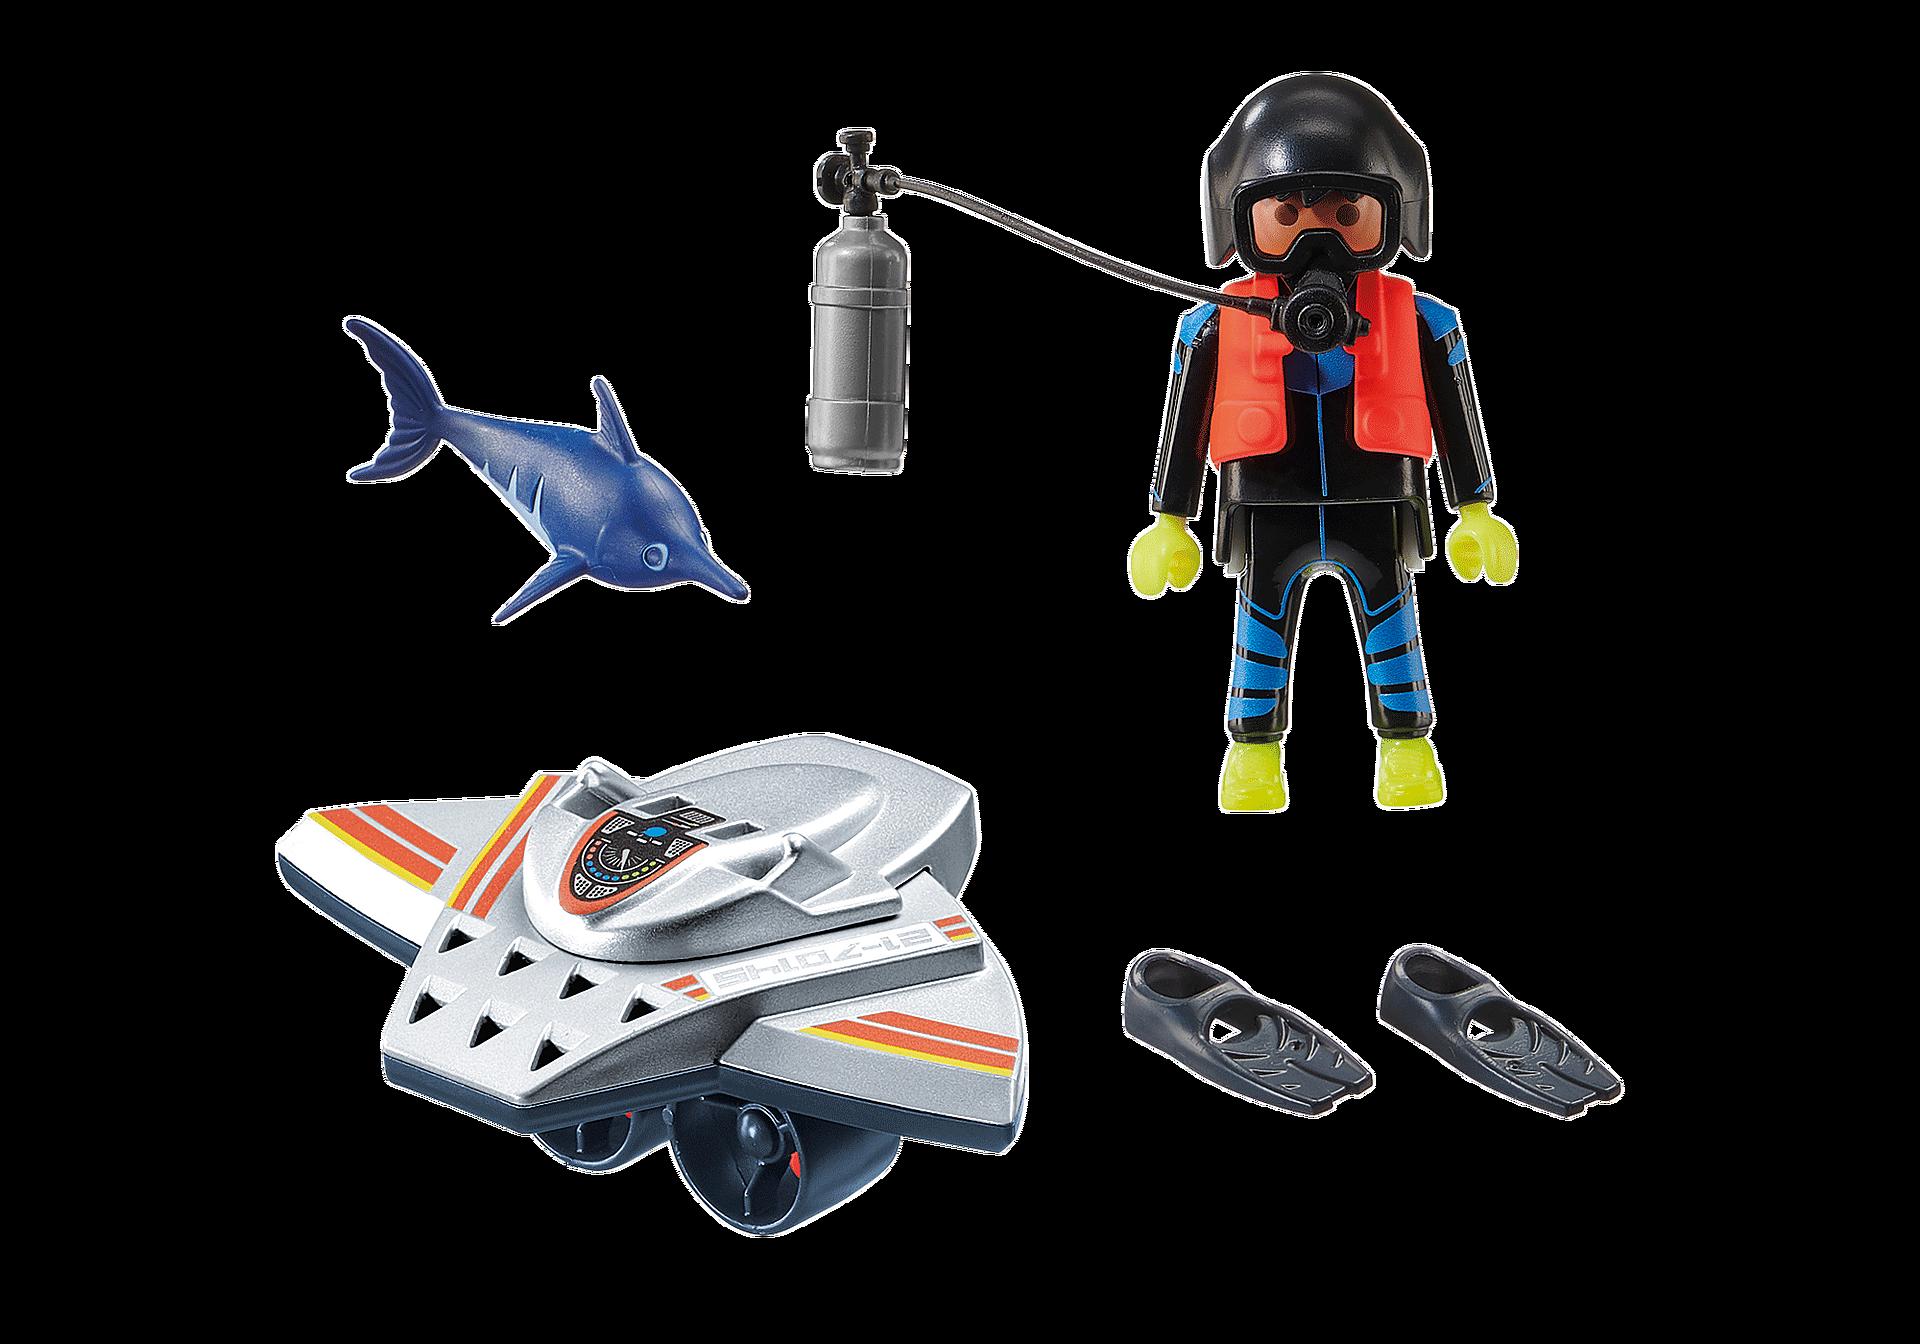 70145 Skibsredning: Dykkerscooter med redningsindsats zoom image3